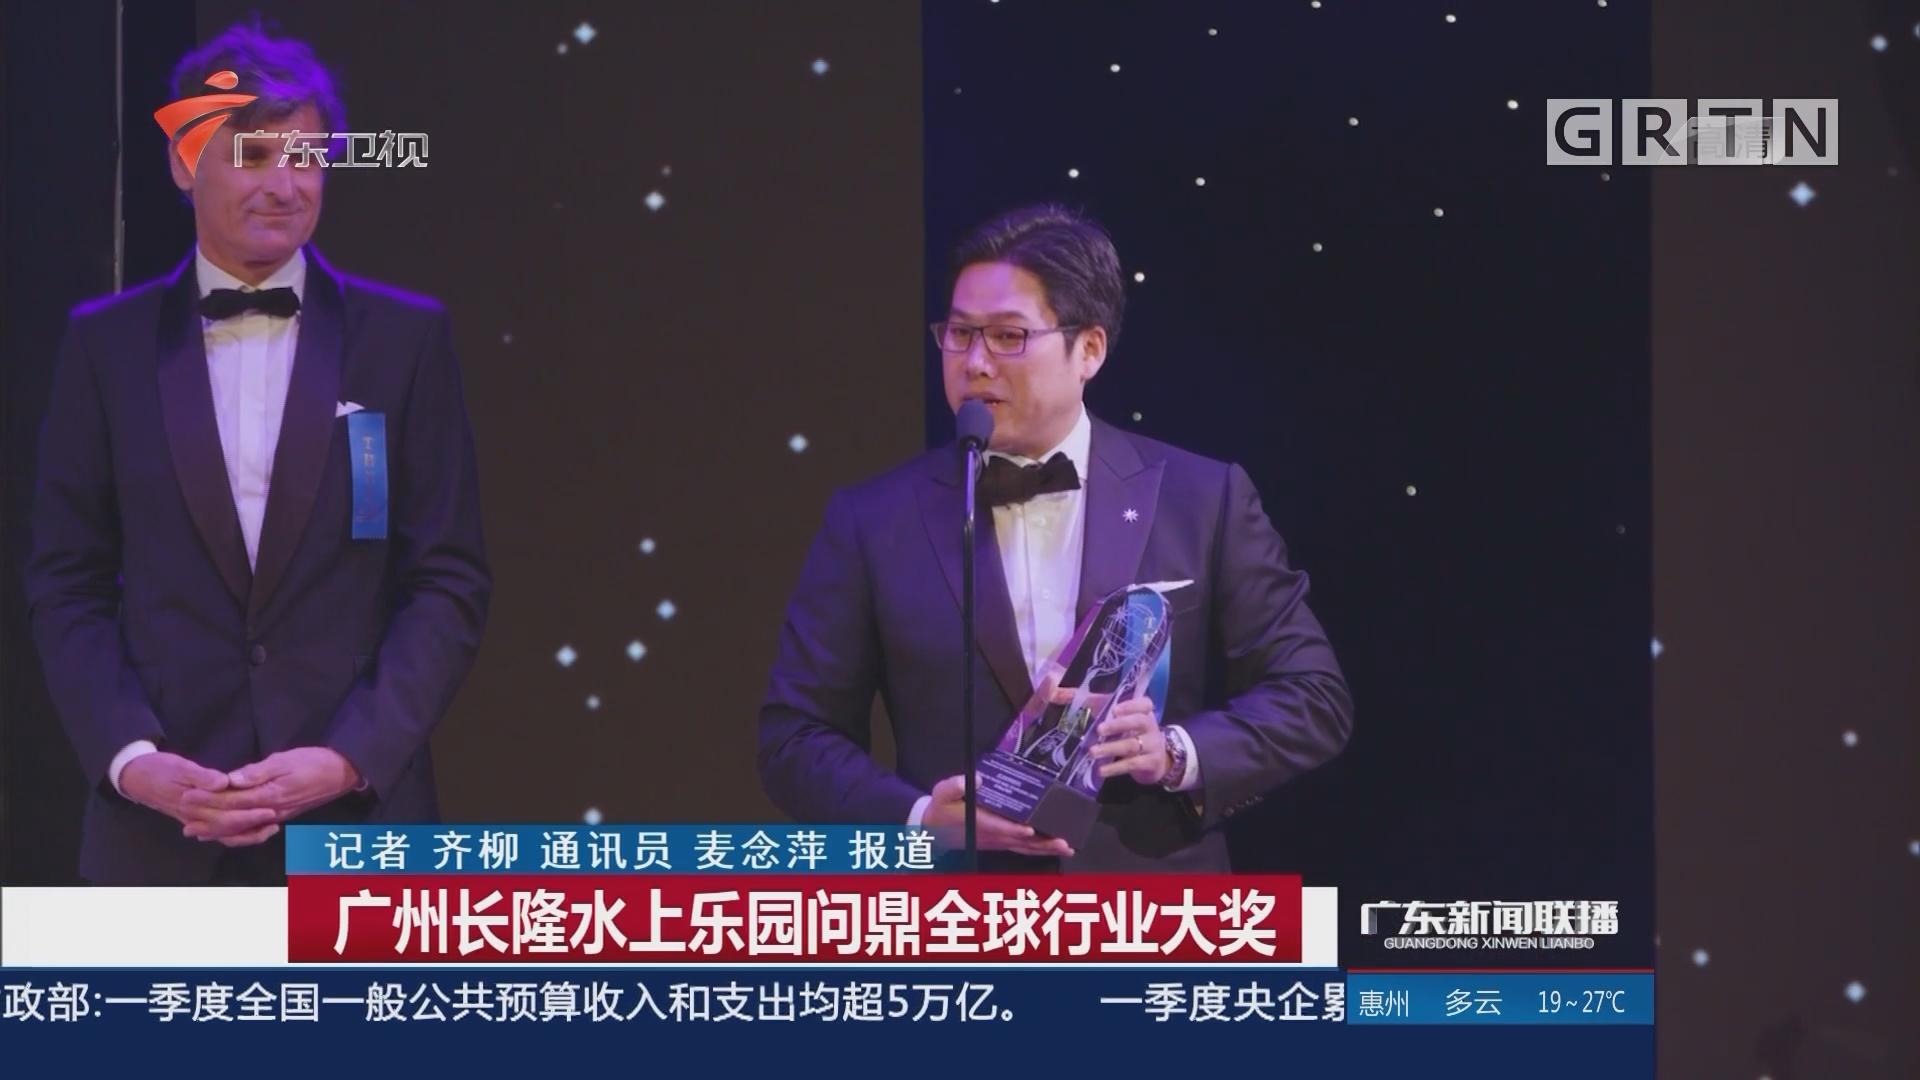 广州长隆水上乐园问鼎全球行业大奖